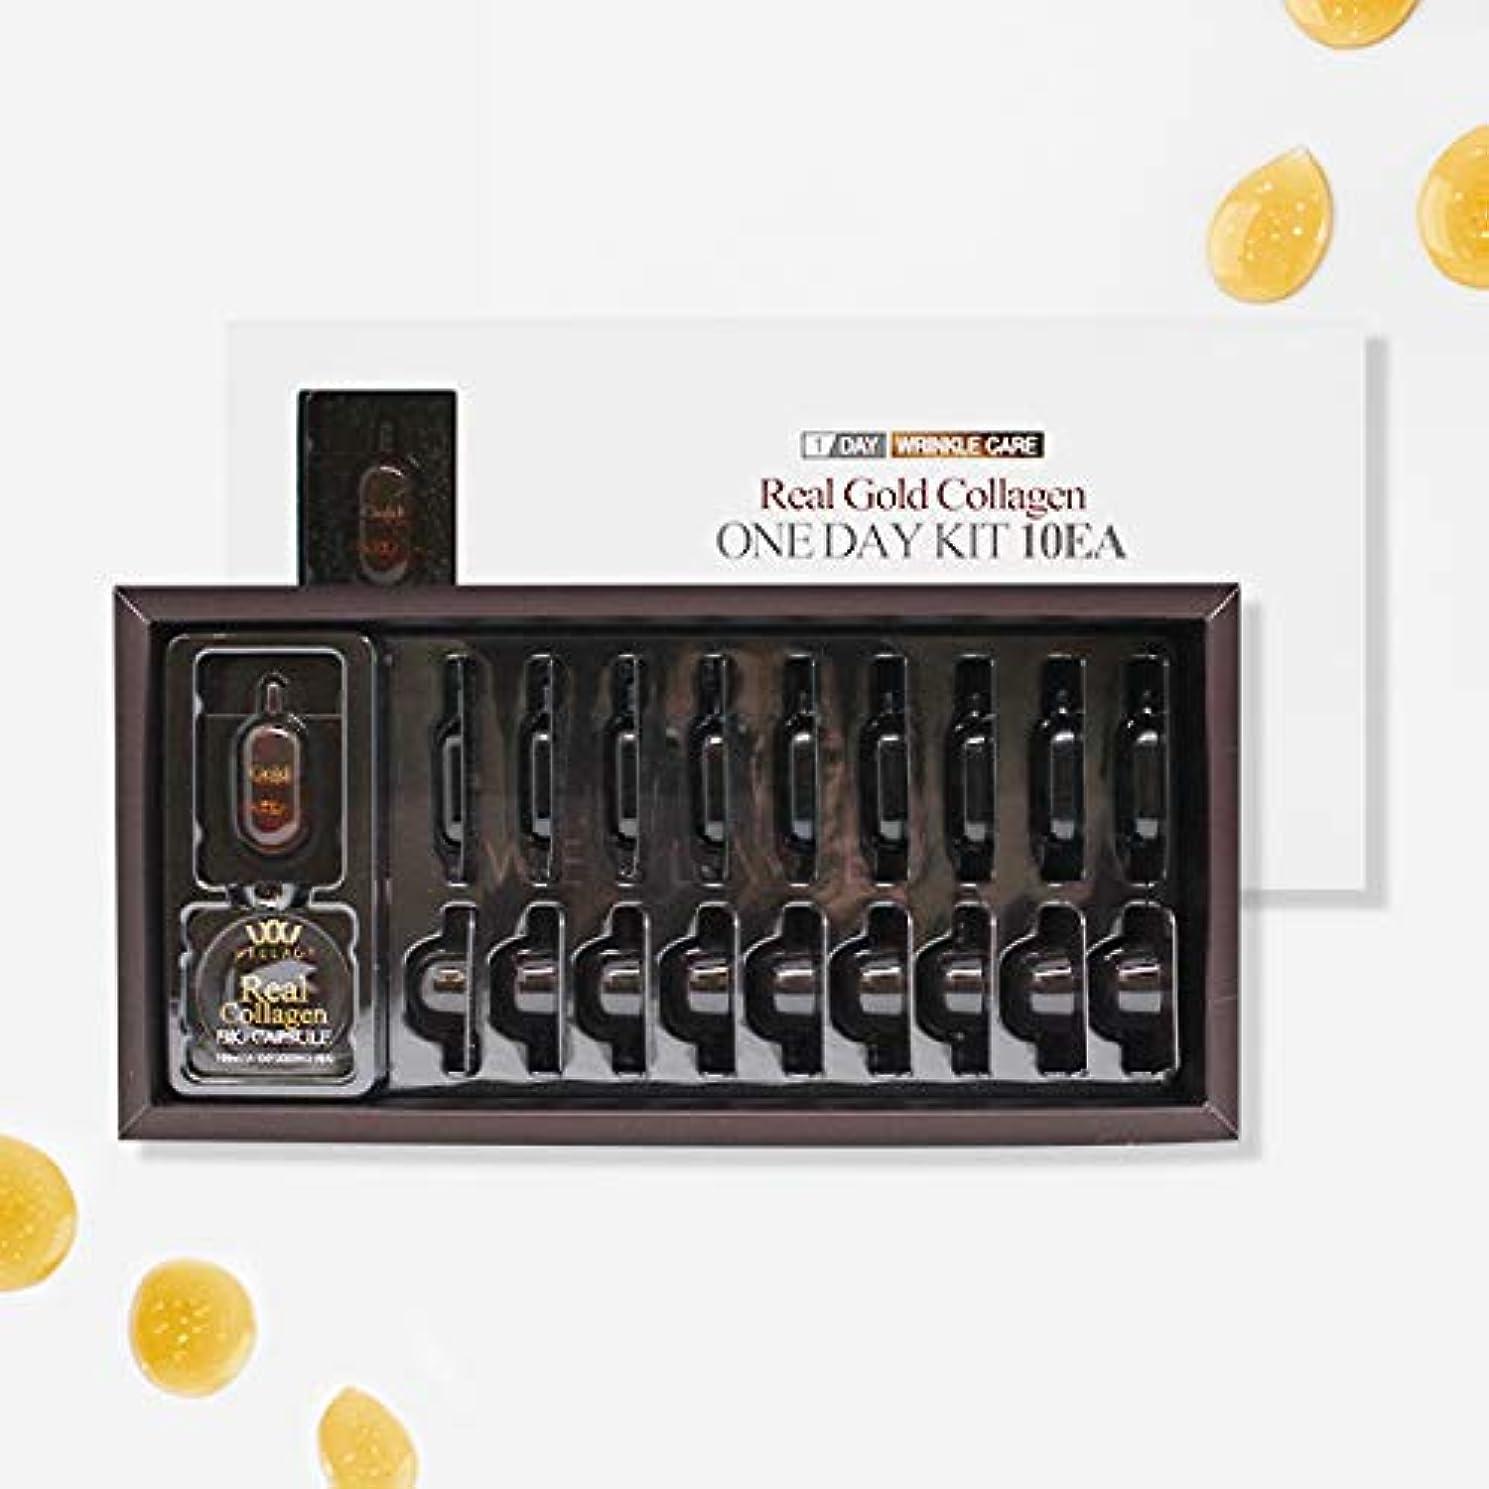 花嫁魅了する打ち上げるWELLAGE(ウェラージュ) リアルゴールドワンデーキットバイオカプセル 10EA (しわケア)/ Real Gold One Day Kit Bio Capsule